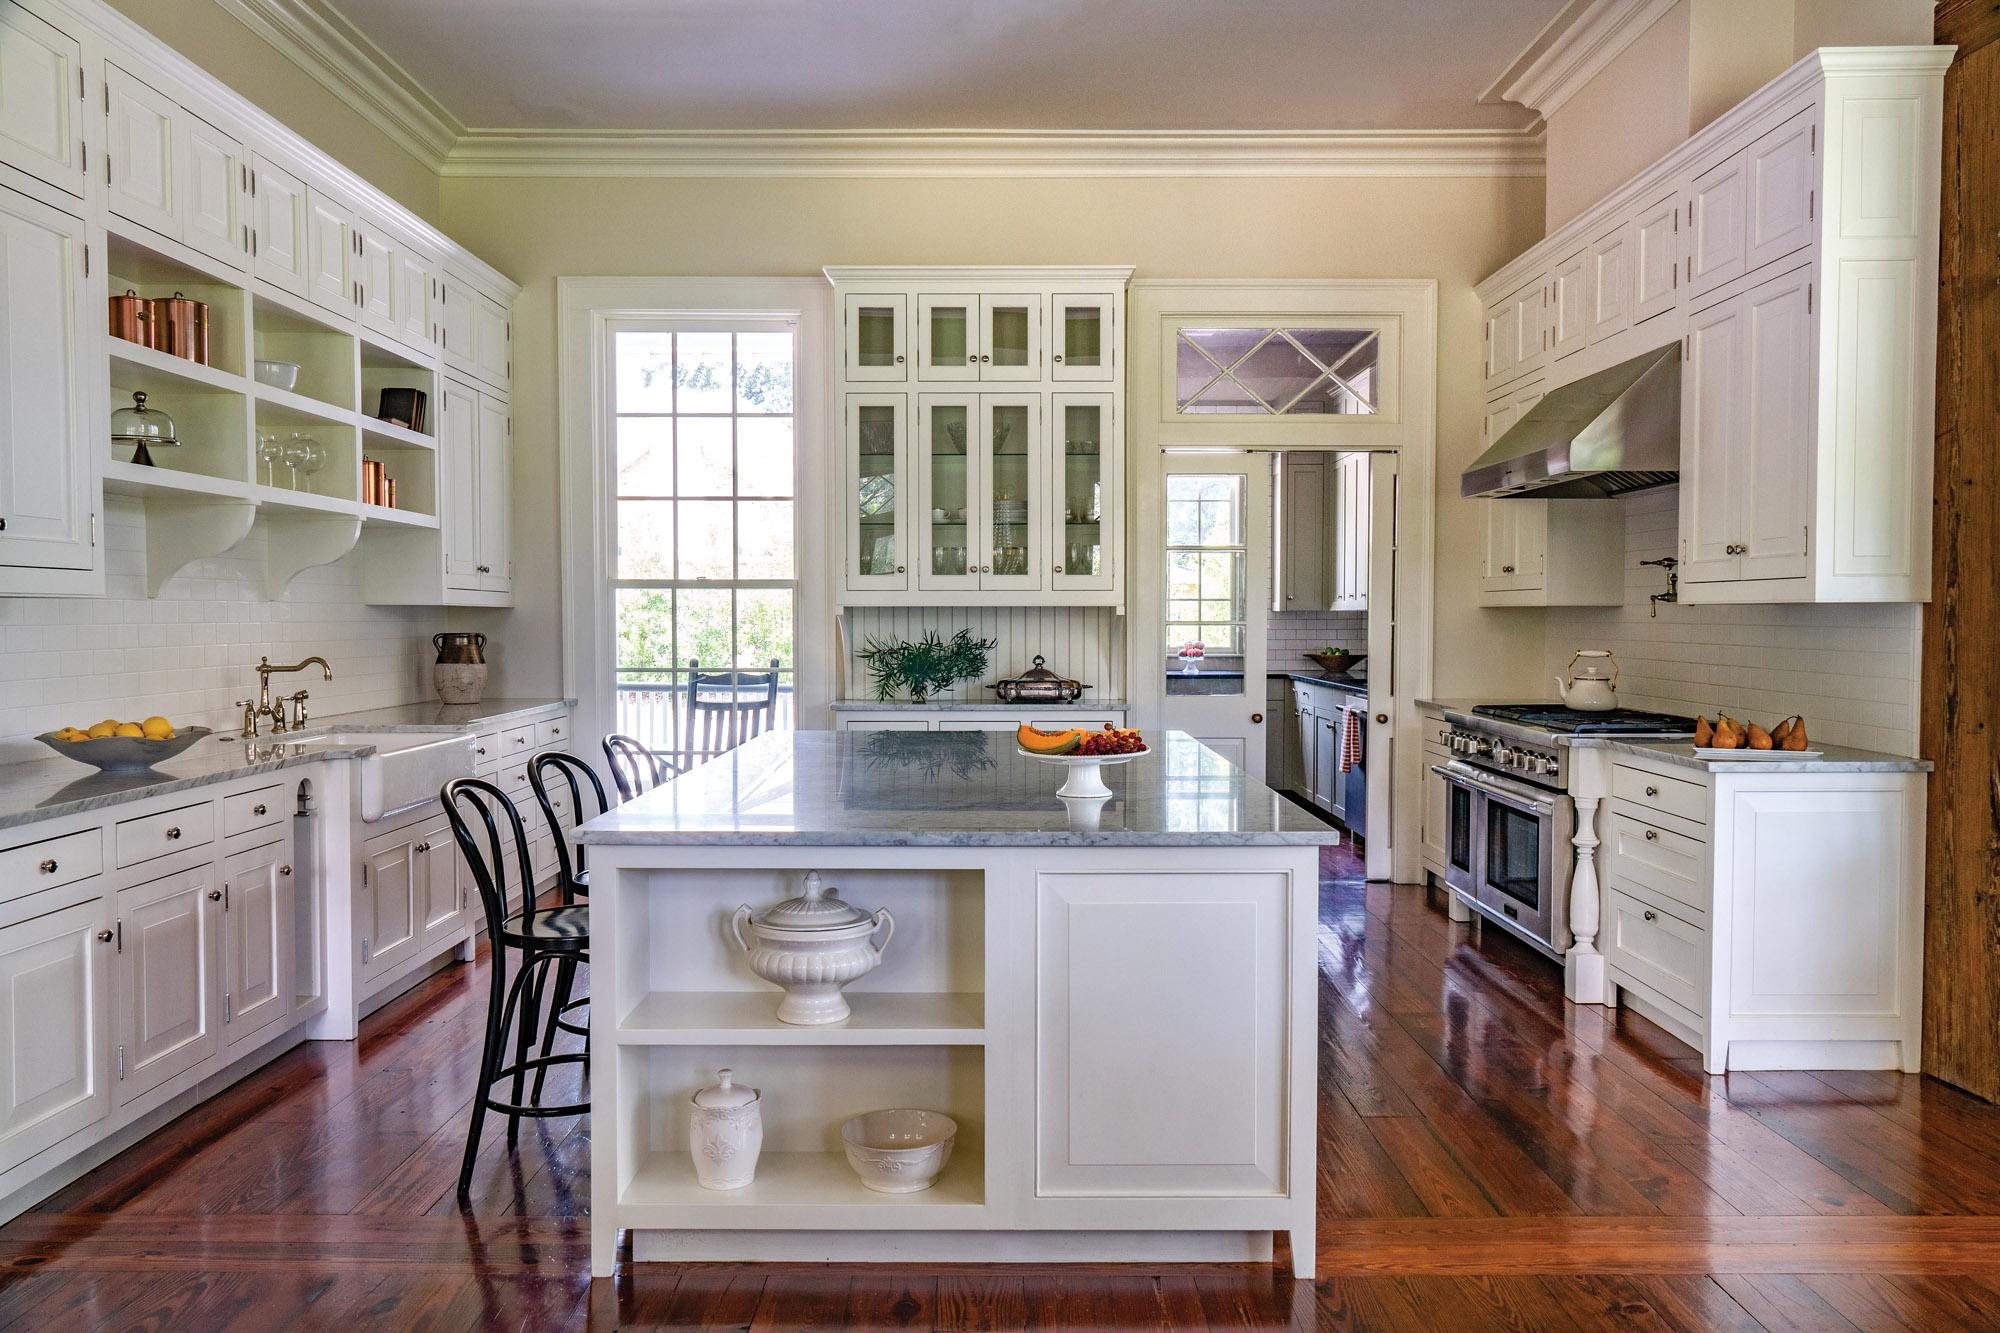 Traditional Farmhouse white kitchen